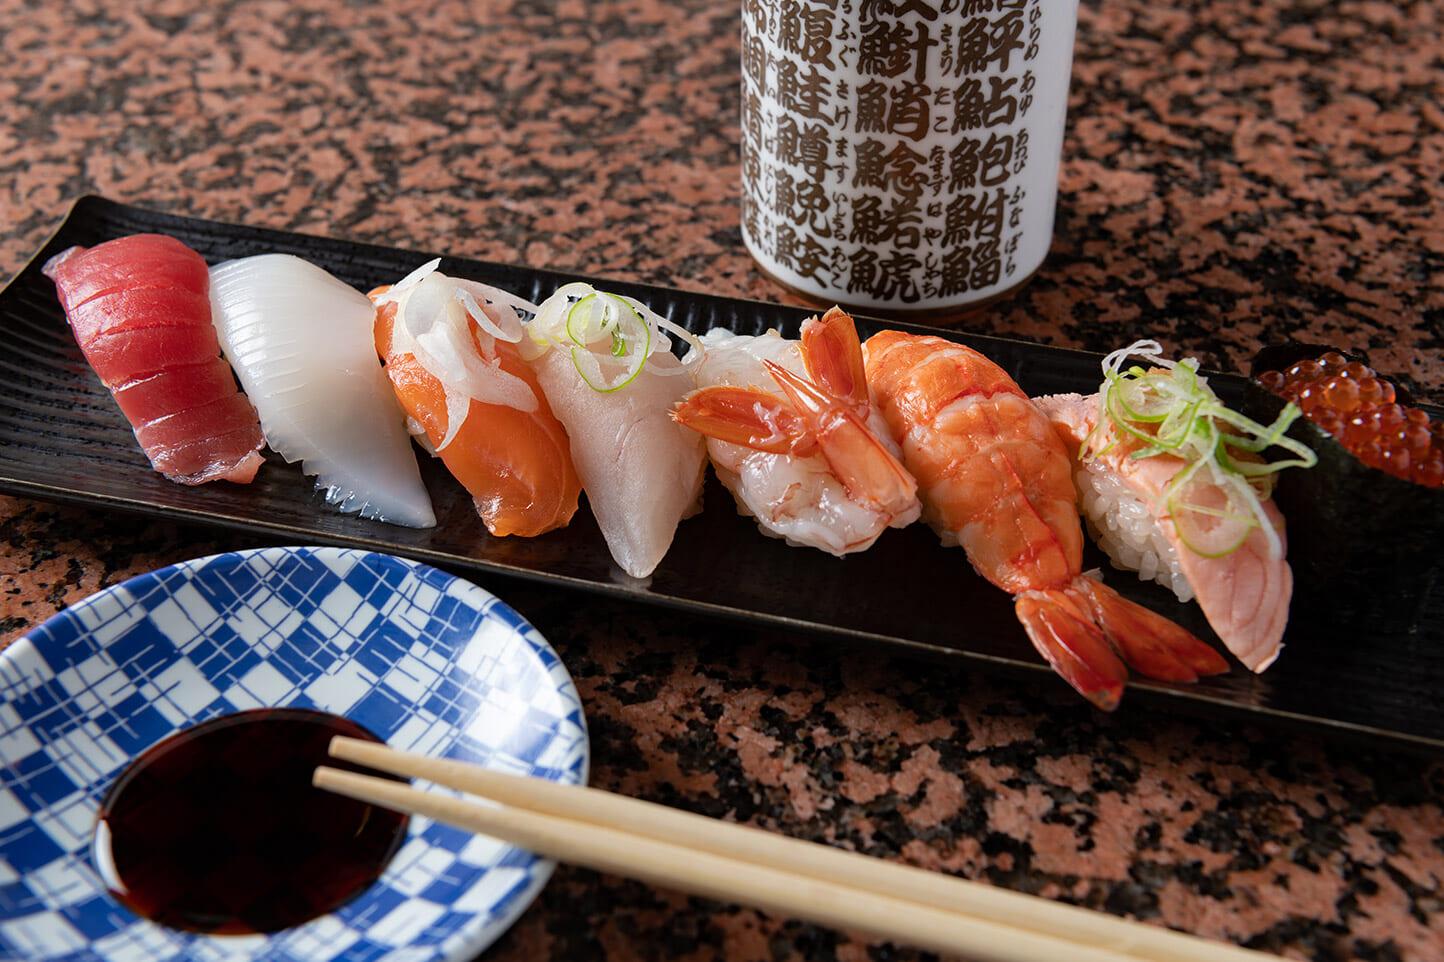 回転寿司 海鮮 スライダー画像1